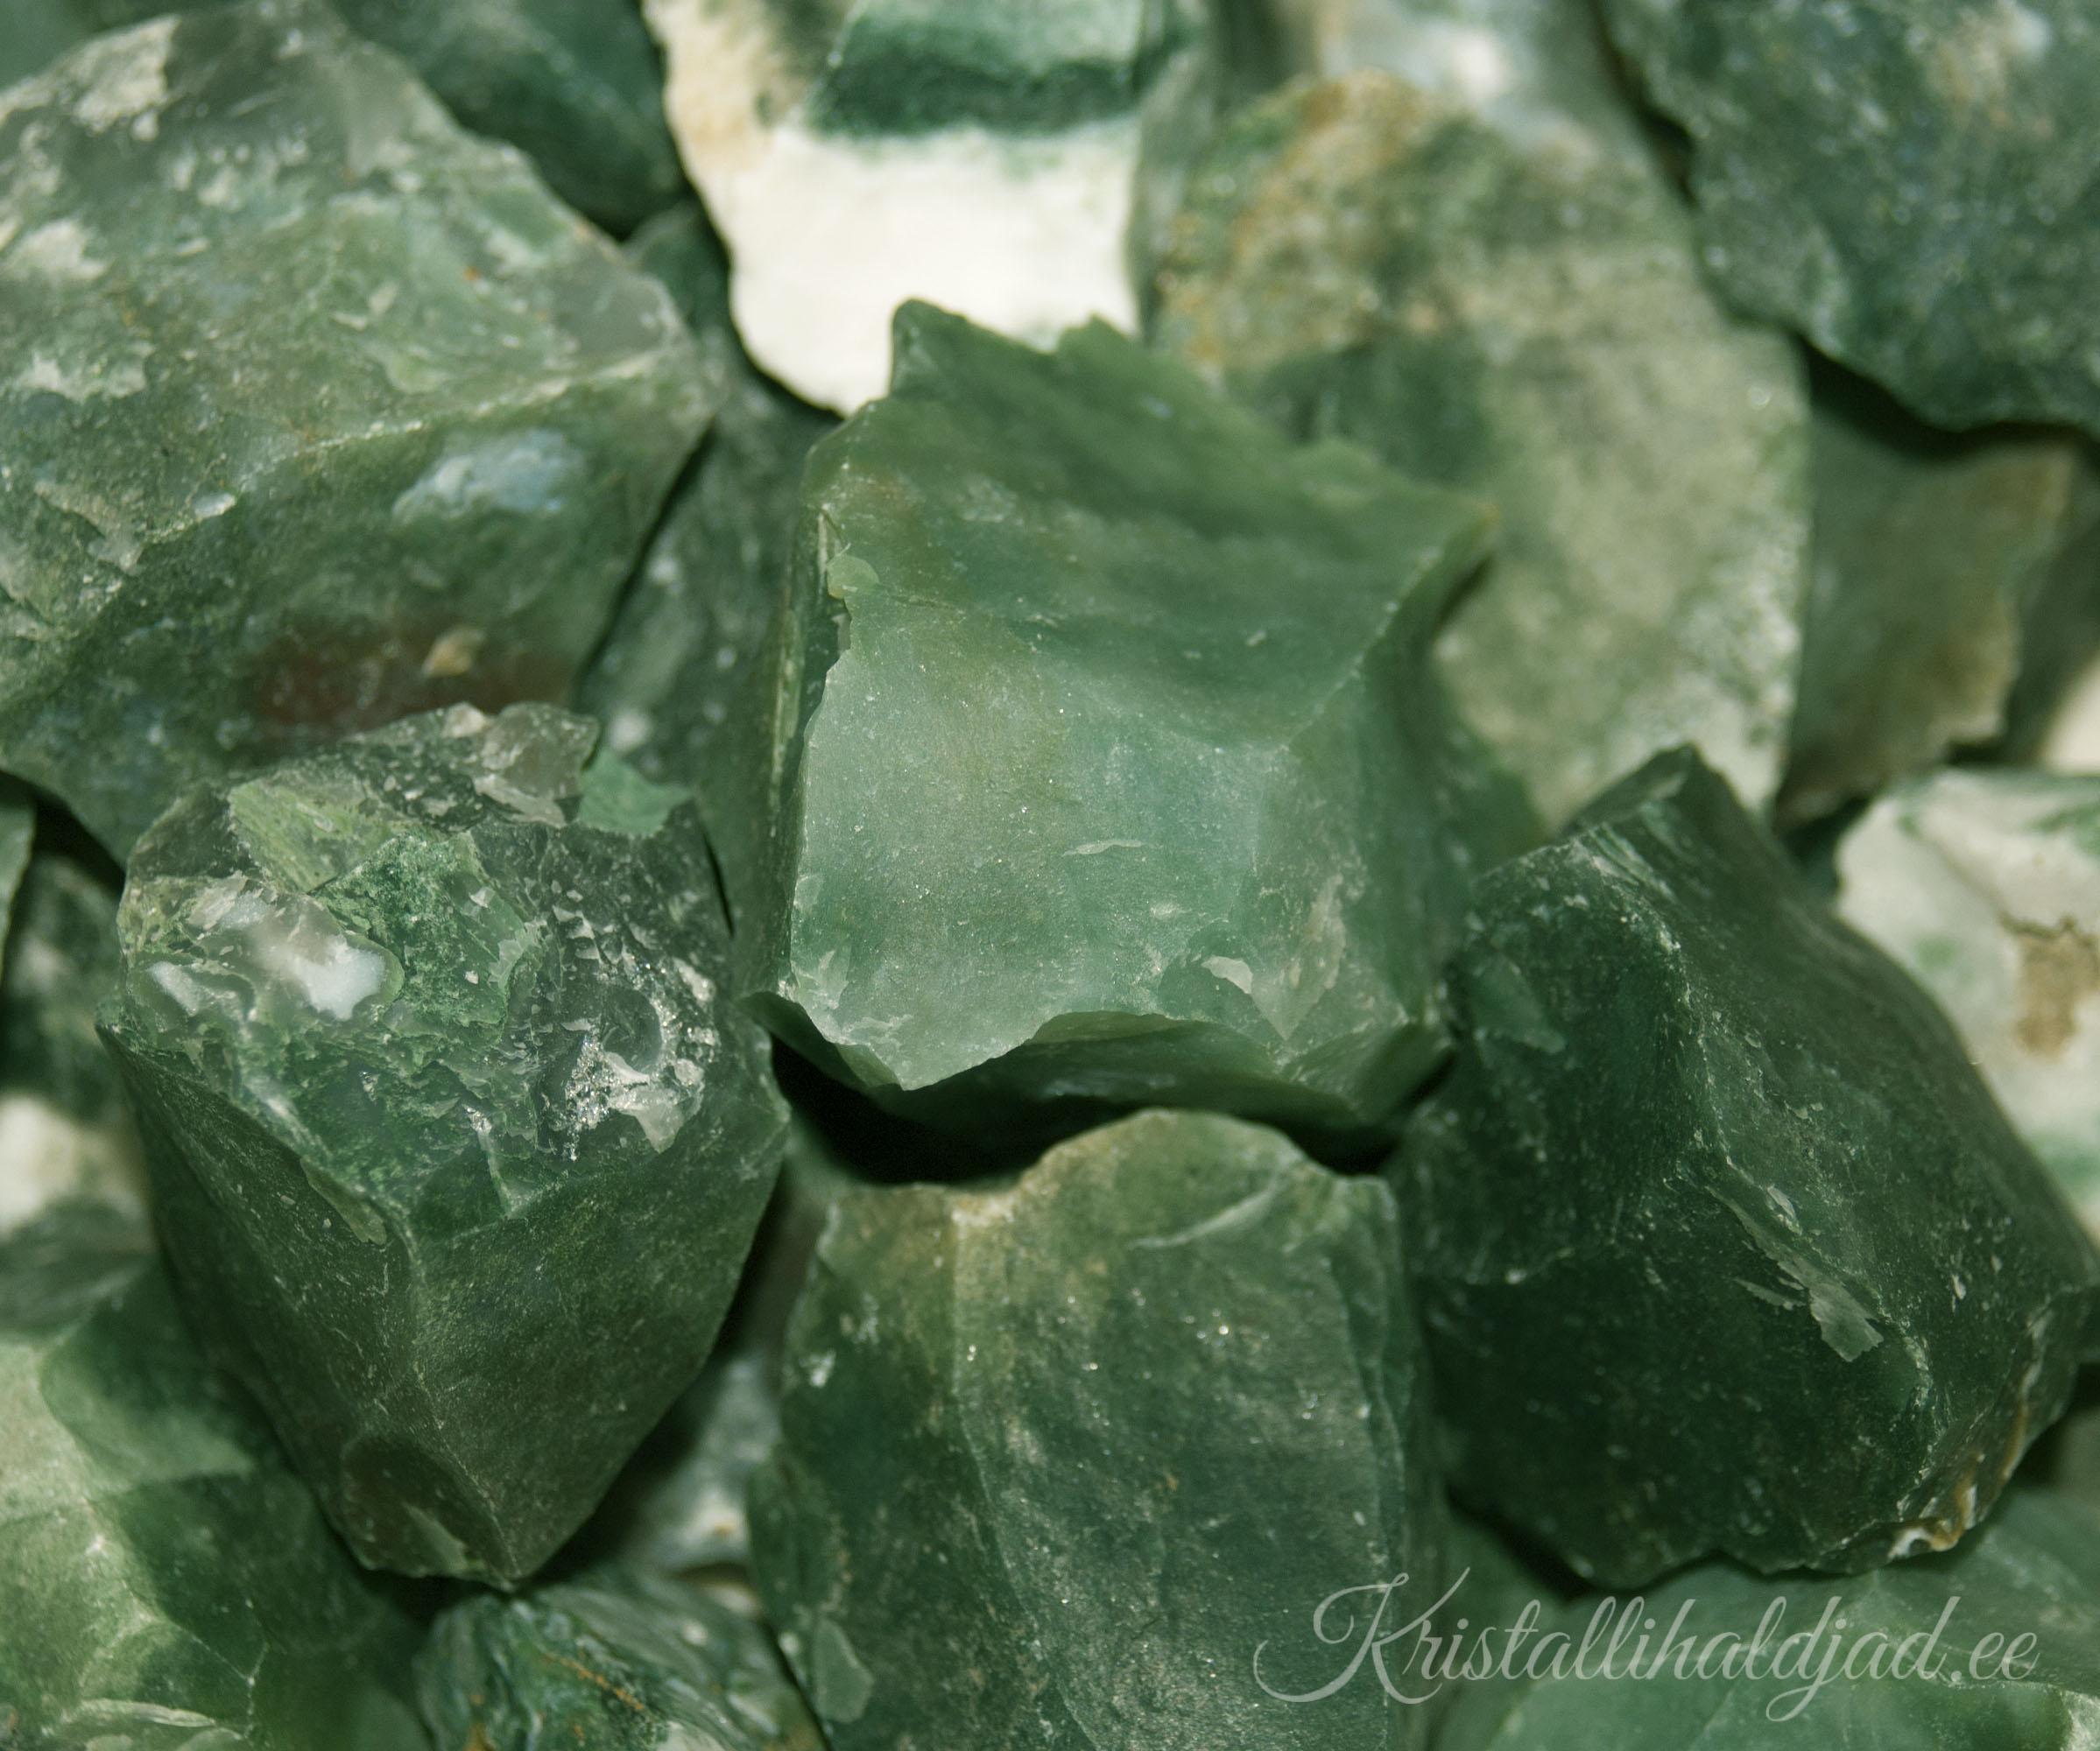 sammalahhaat-kristallihaldjad